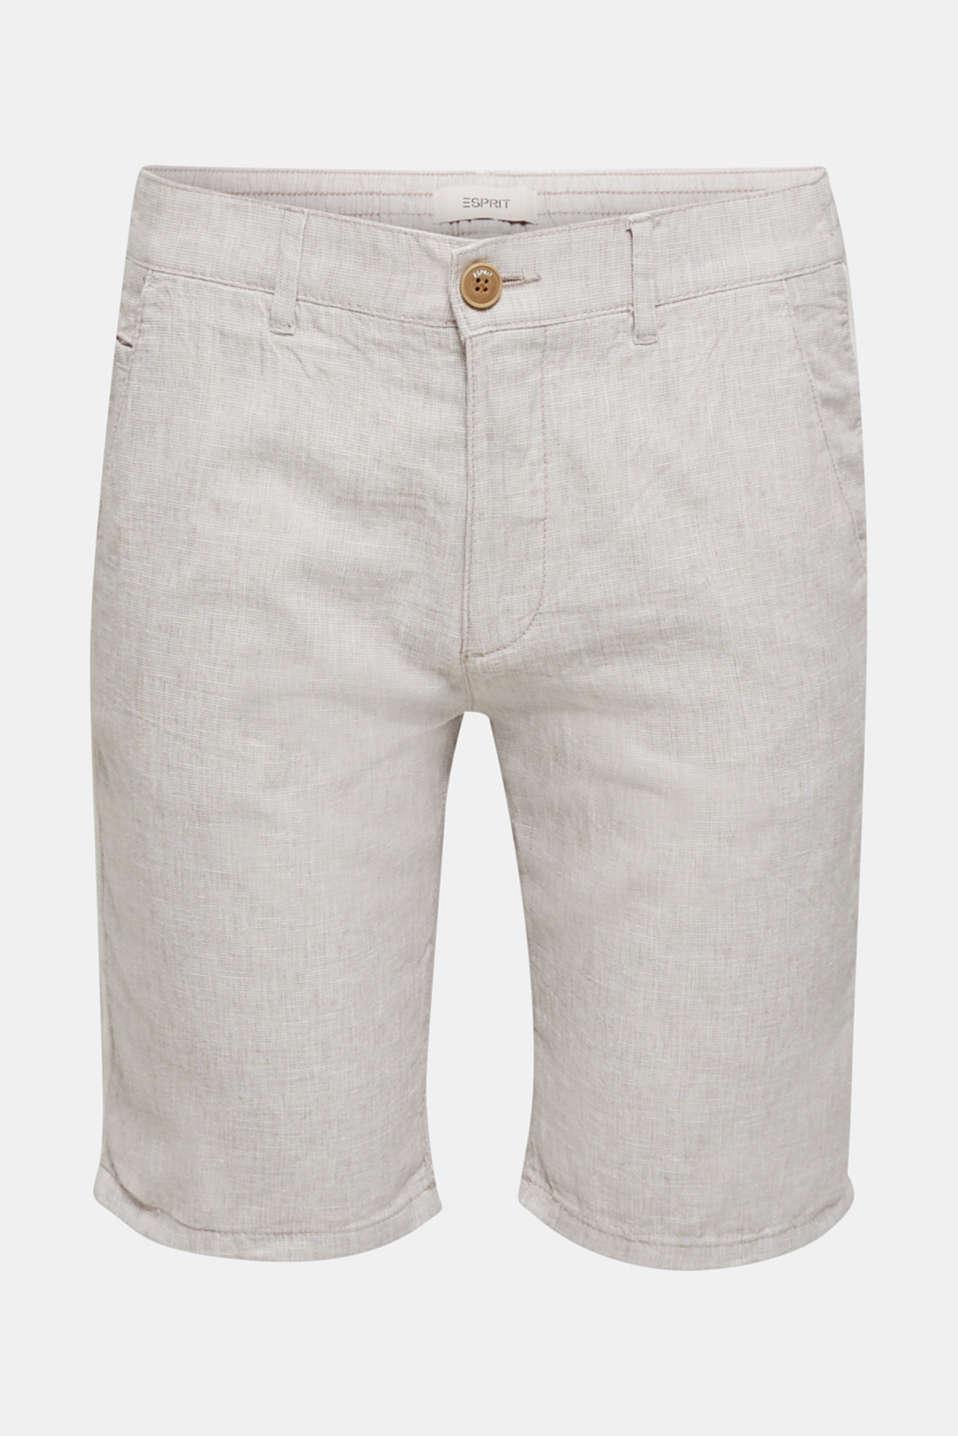 Shorts made of blended linen, BEIGE, detail image number 5